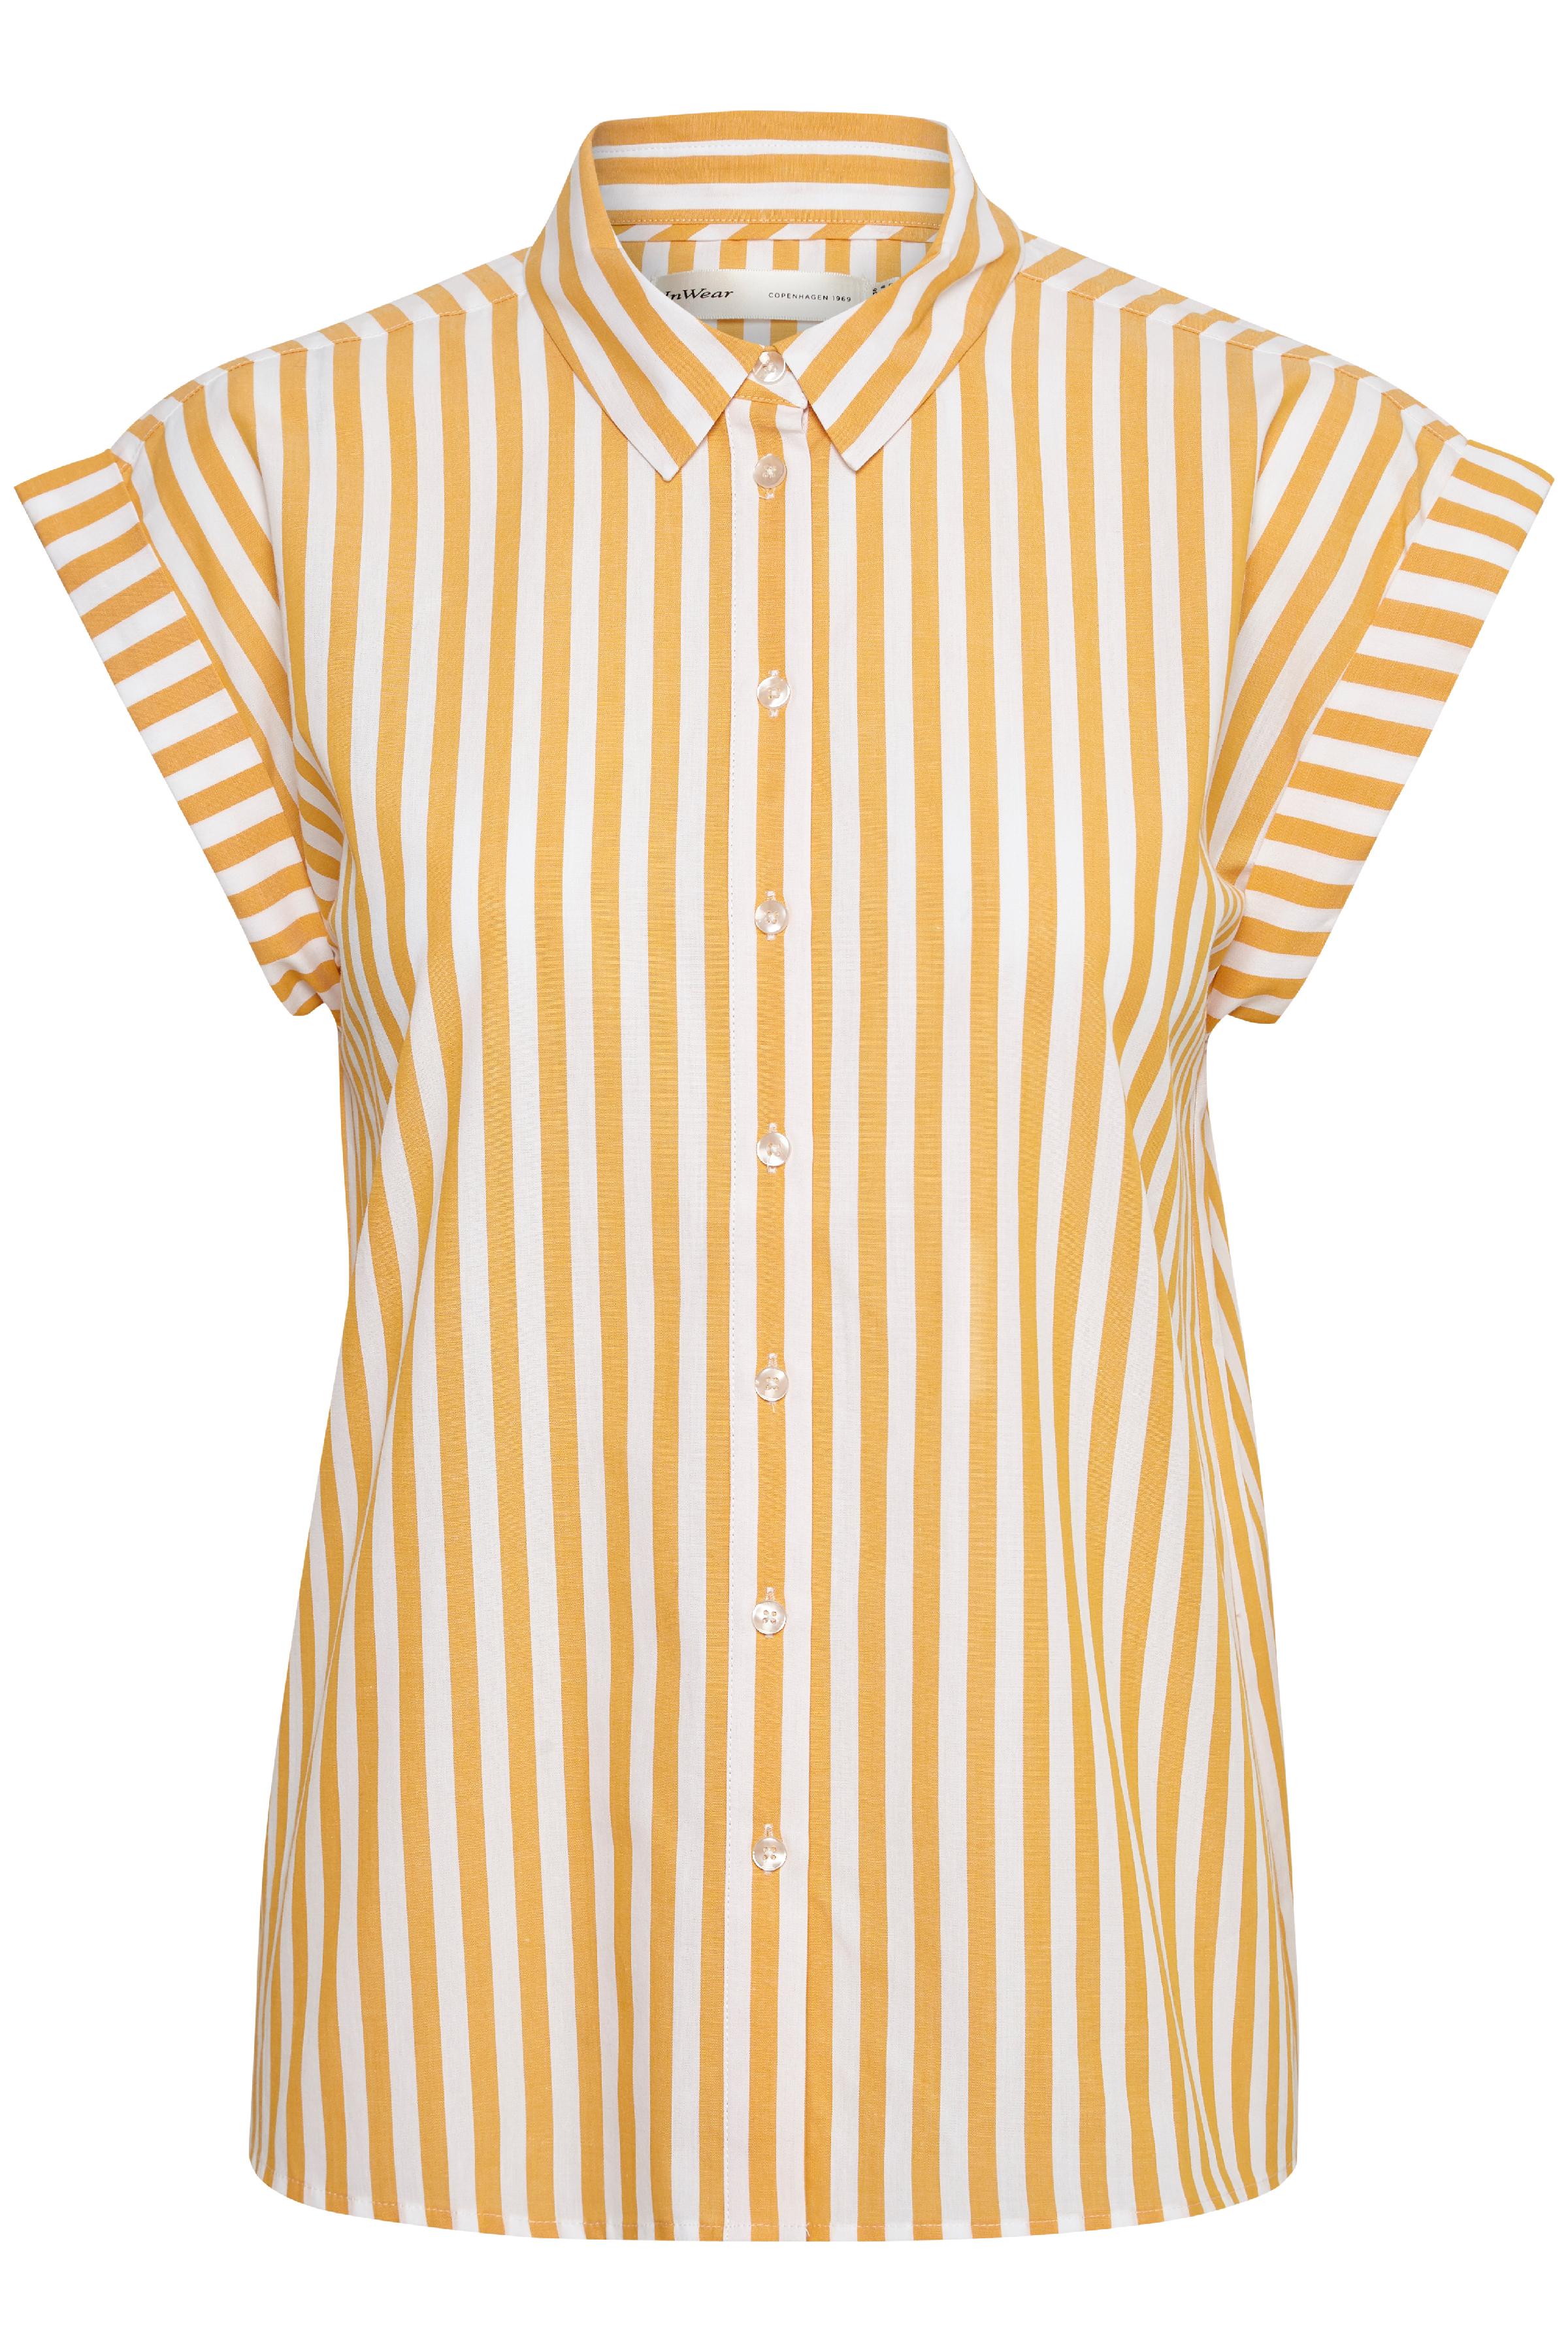 Sunny Yellow Skjorte – Køb Sunny Yellow Skjorte fra str. 32-44 her